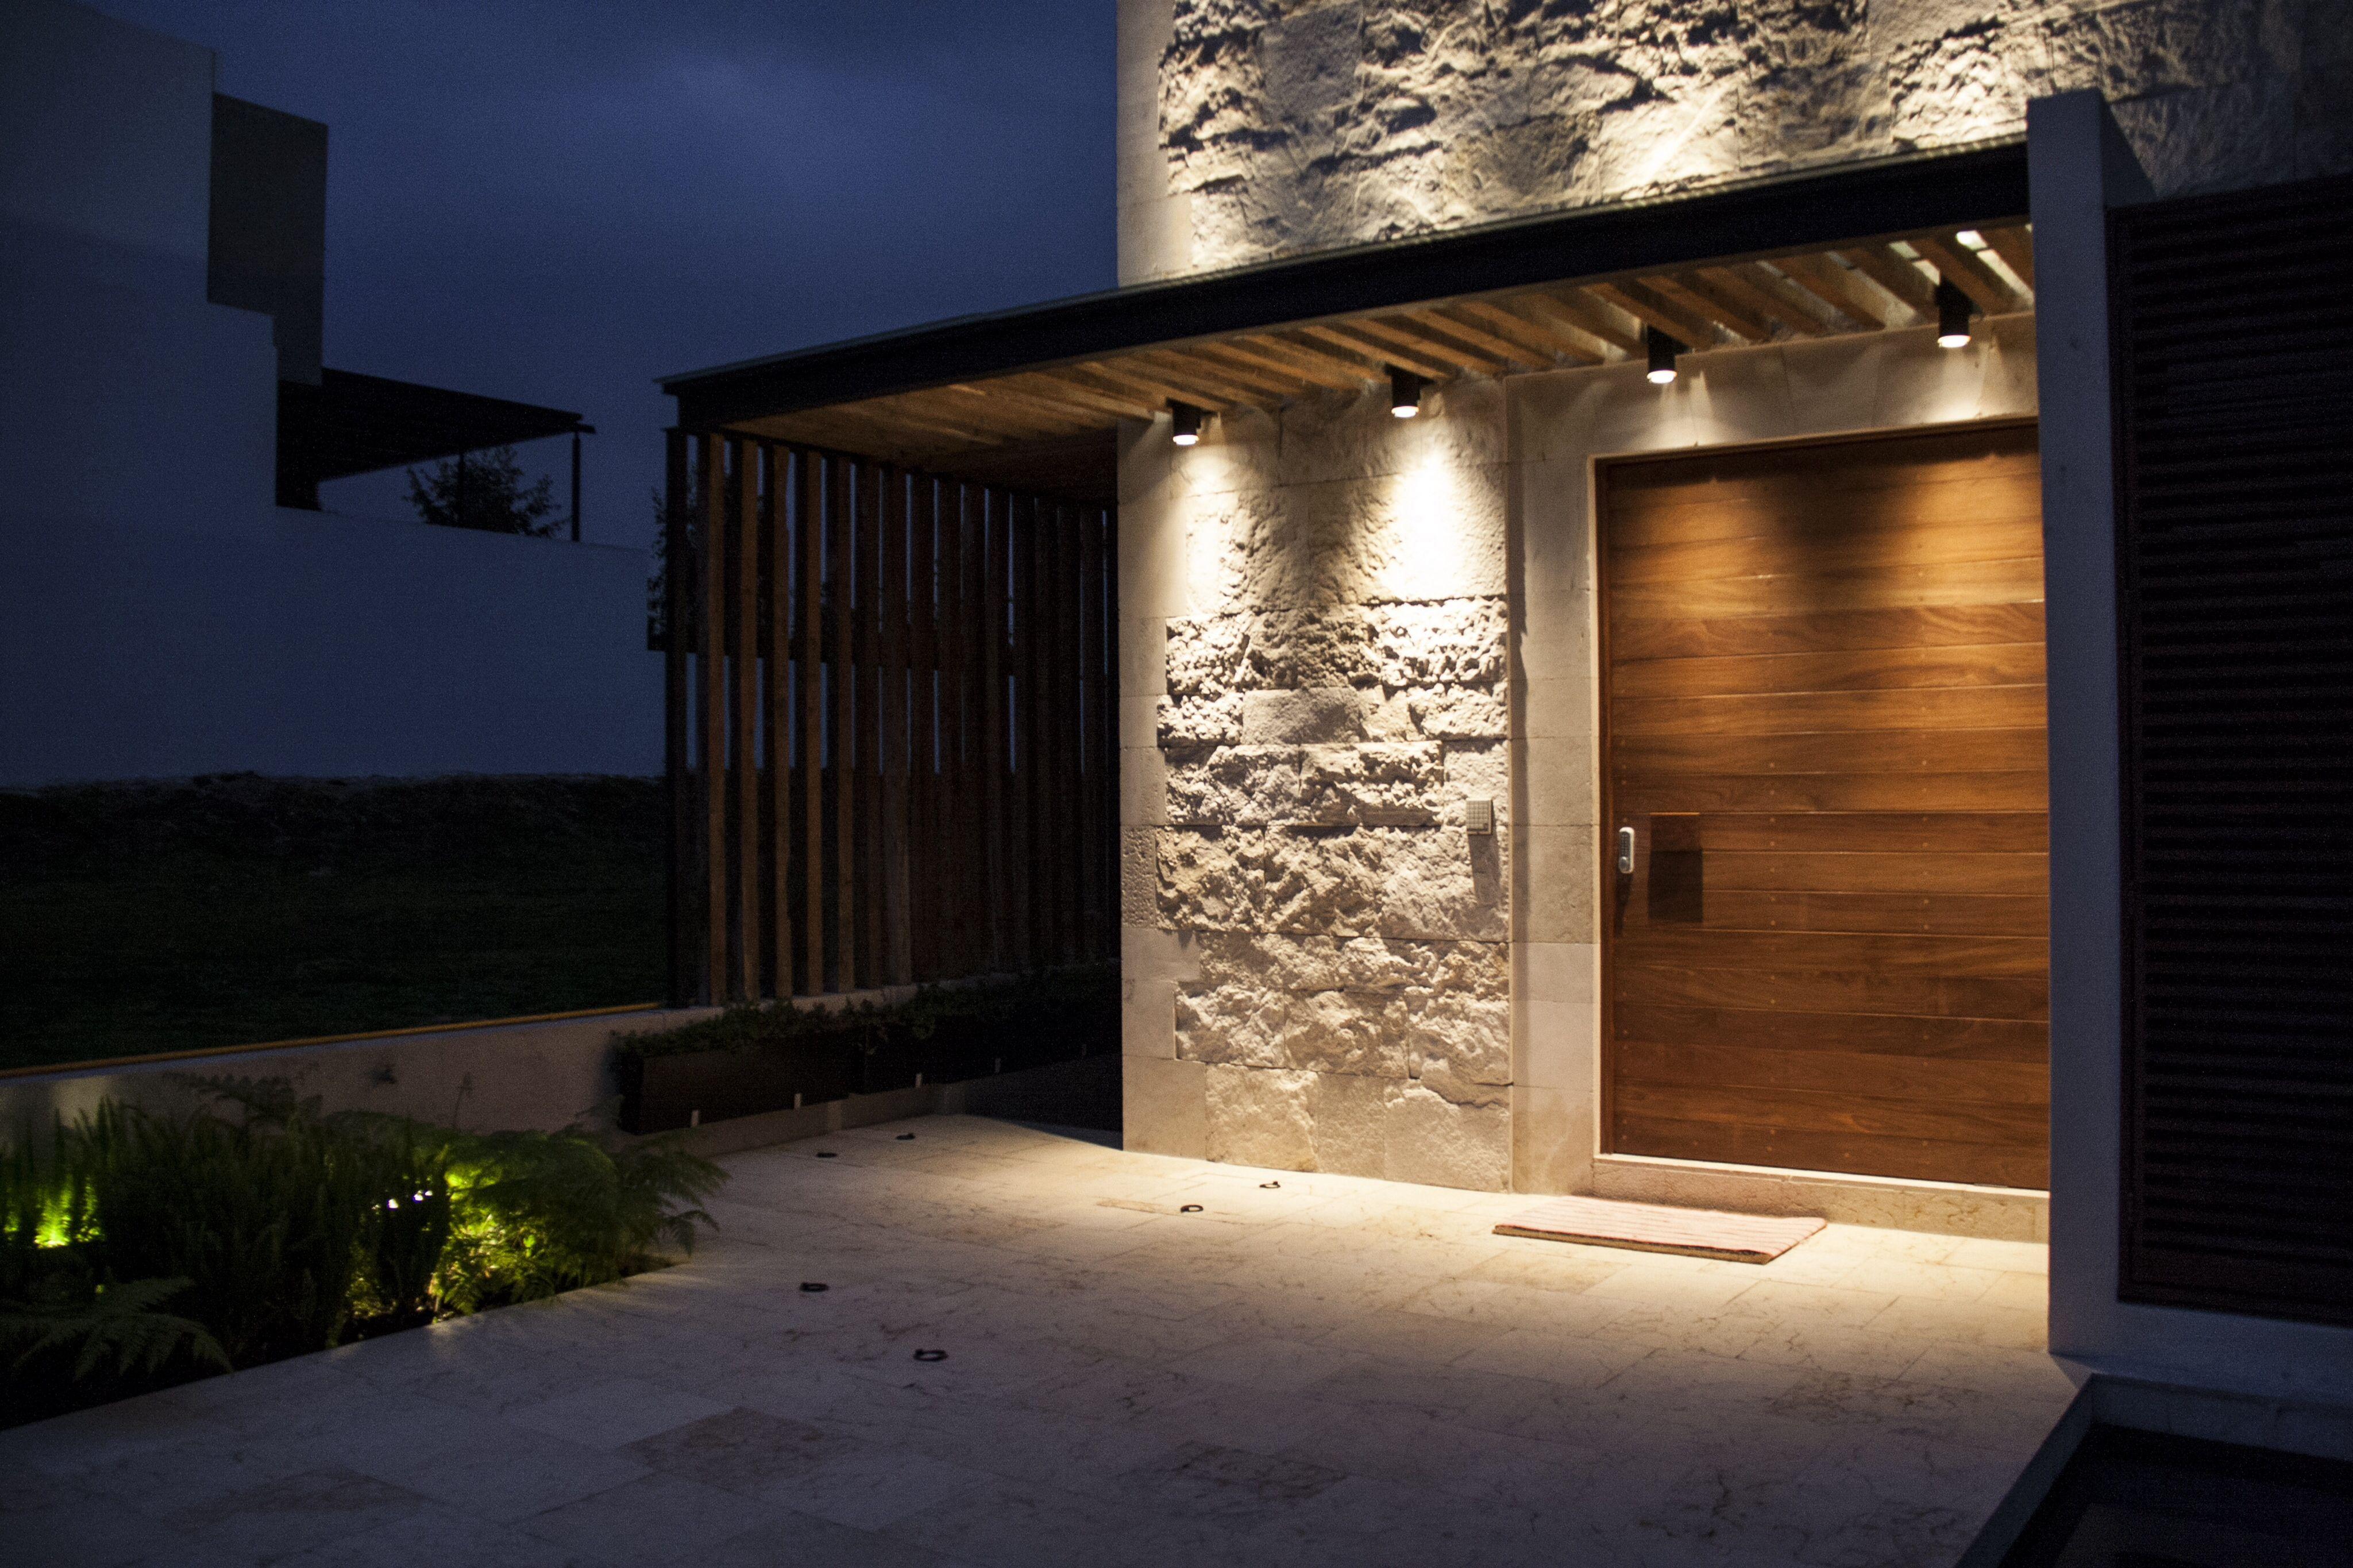 Casa ss fachada muros de piedra iluminaci n - Iluminacion de exterior ...